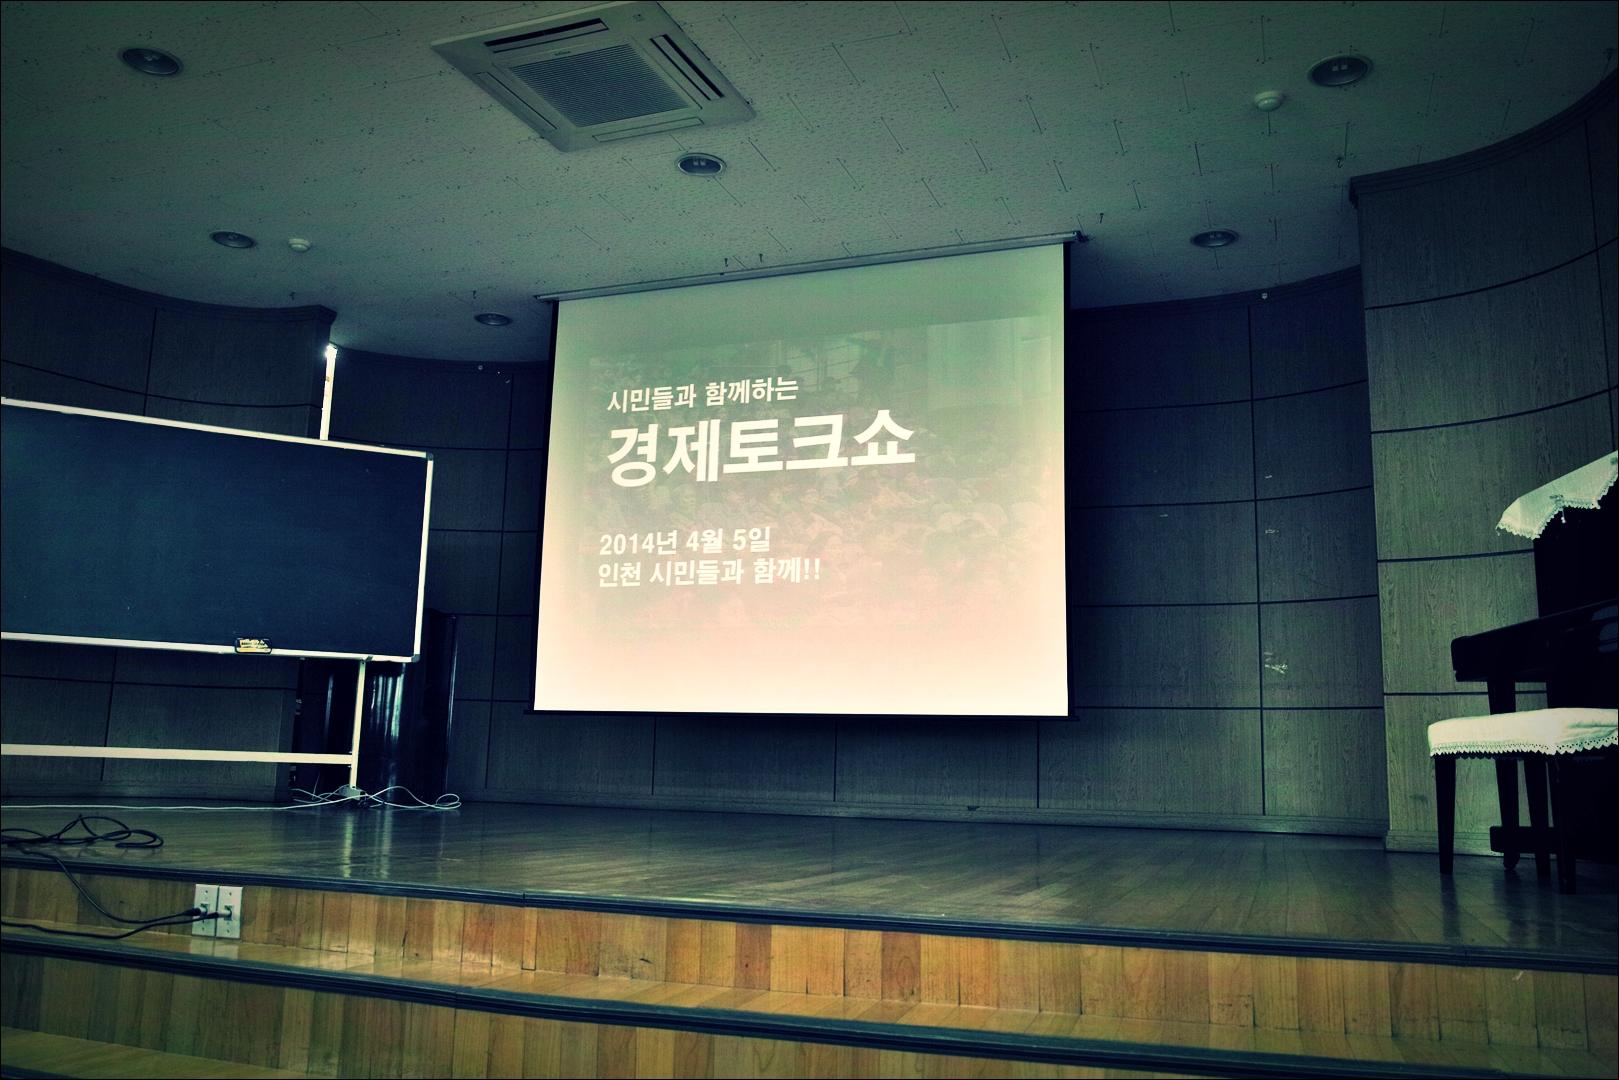 경제 토크쇼-'인천시민과 함께하는 김광수 경제 토크쇼'